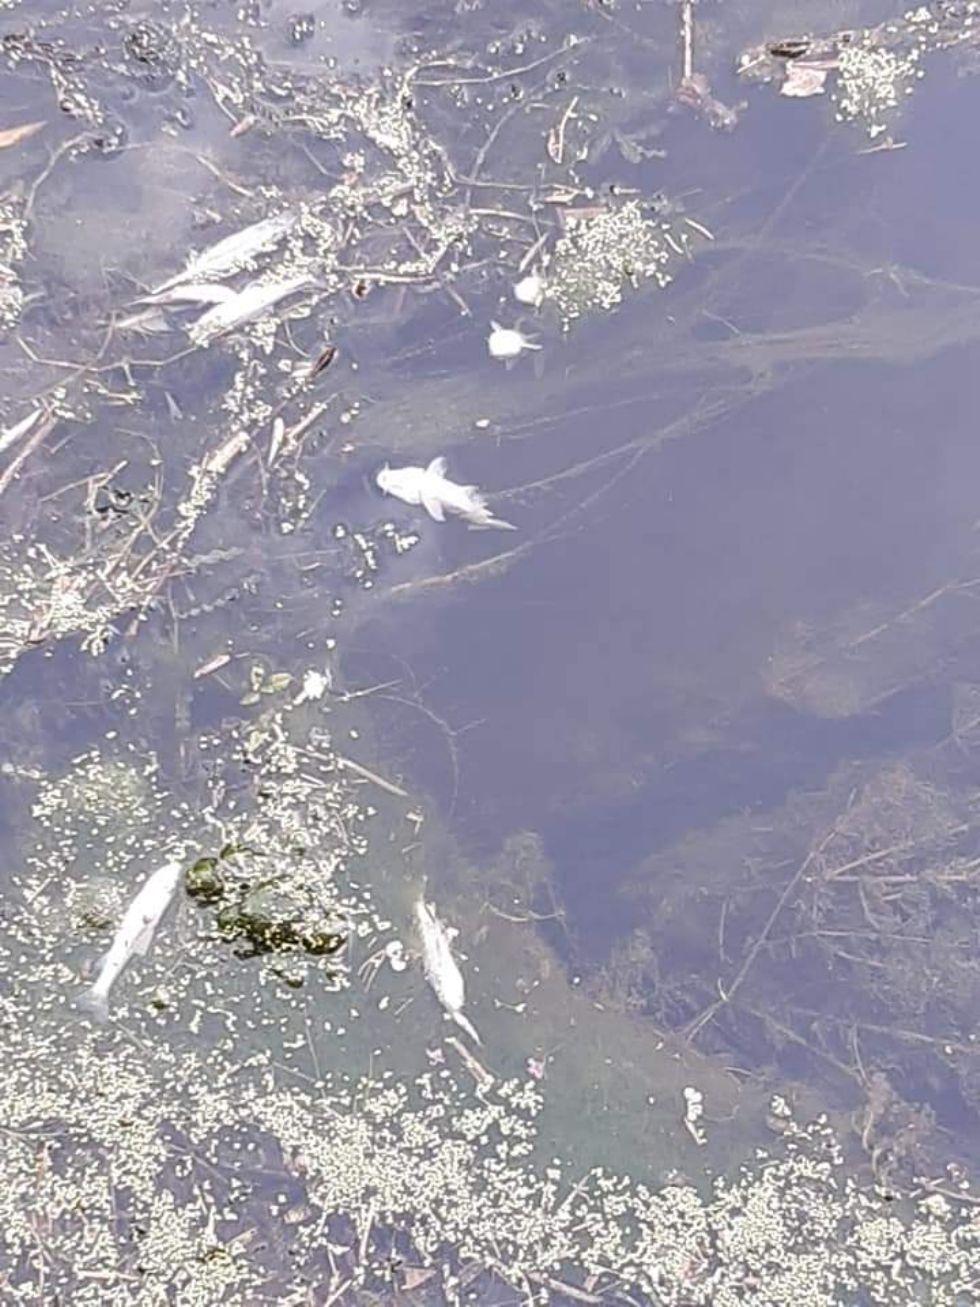 VIRLE - Moria di pesci nel canale dei Prati: chiazza nera nel corso d'acqua